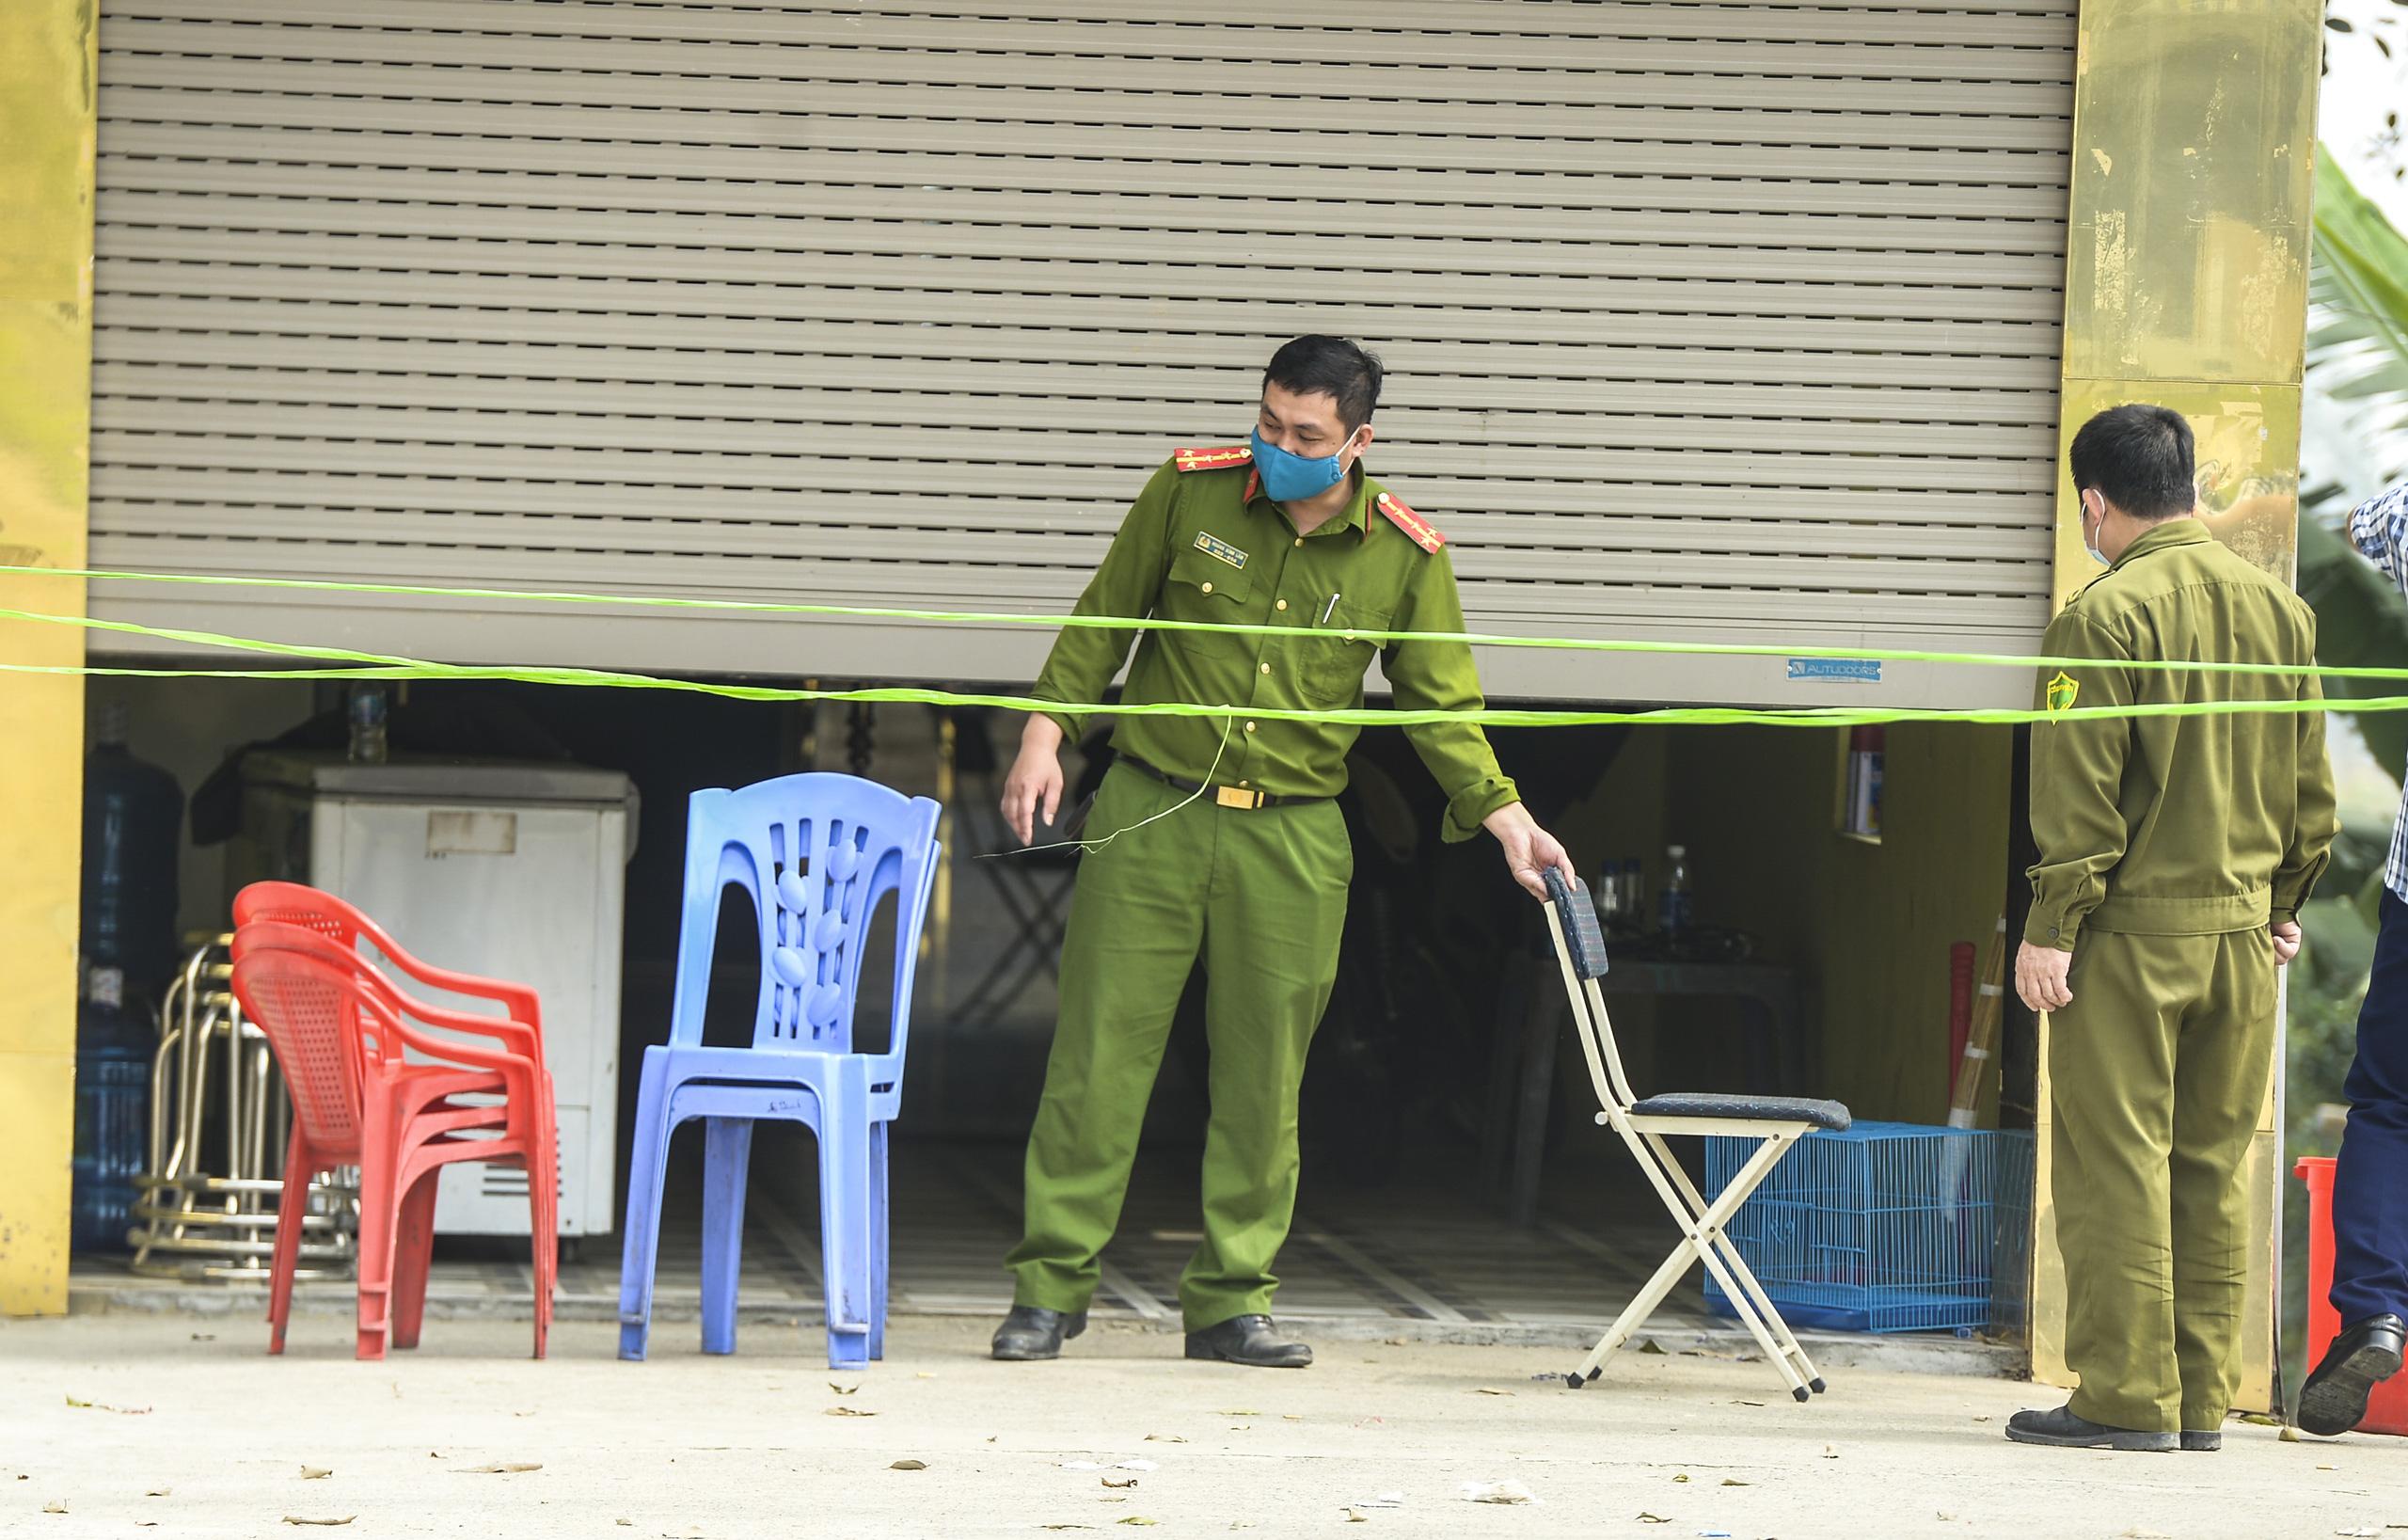 Vụ truy sát 3 người chết, 5 người bị thương tại quán karaoke: 4 người dương tính với ma tuý - Ảnh 2.